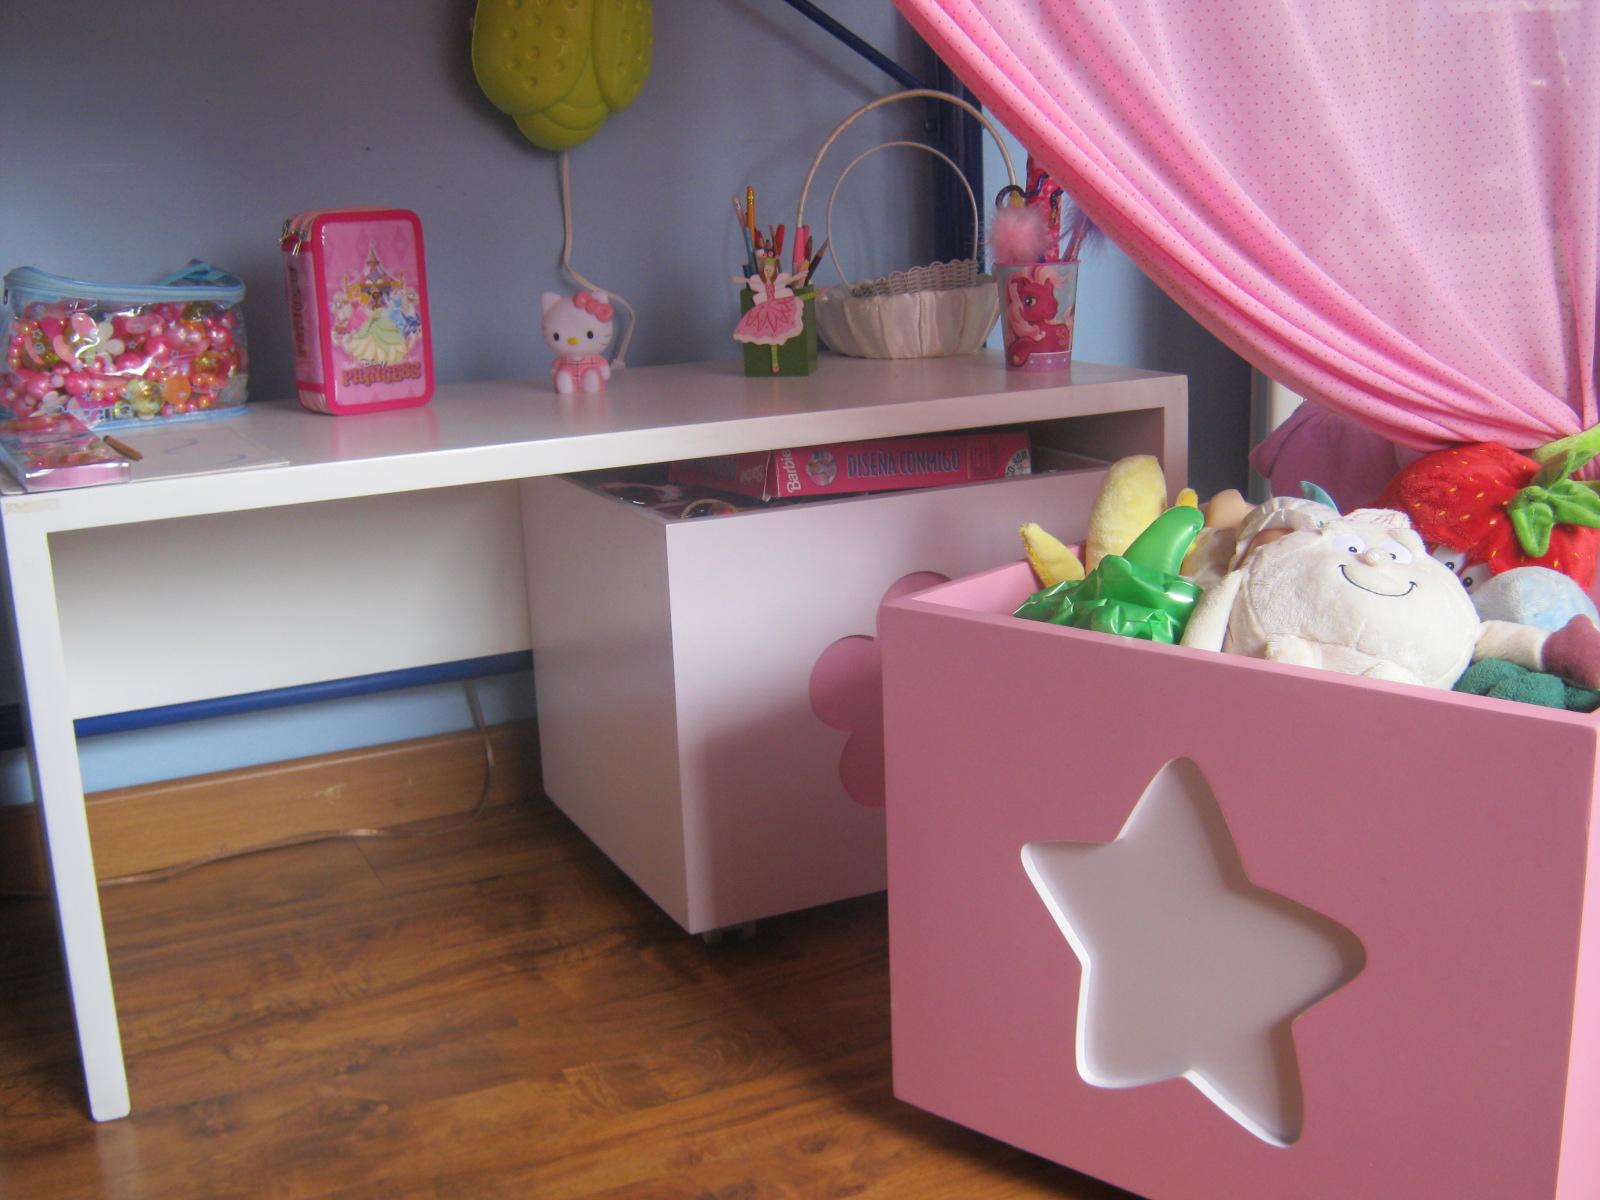 Handy mom nueva habitaci n para sofia - Muebles para guardar juguetes ...